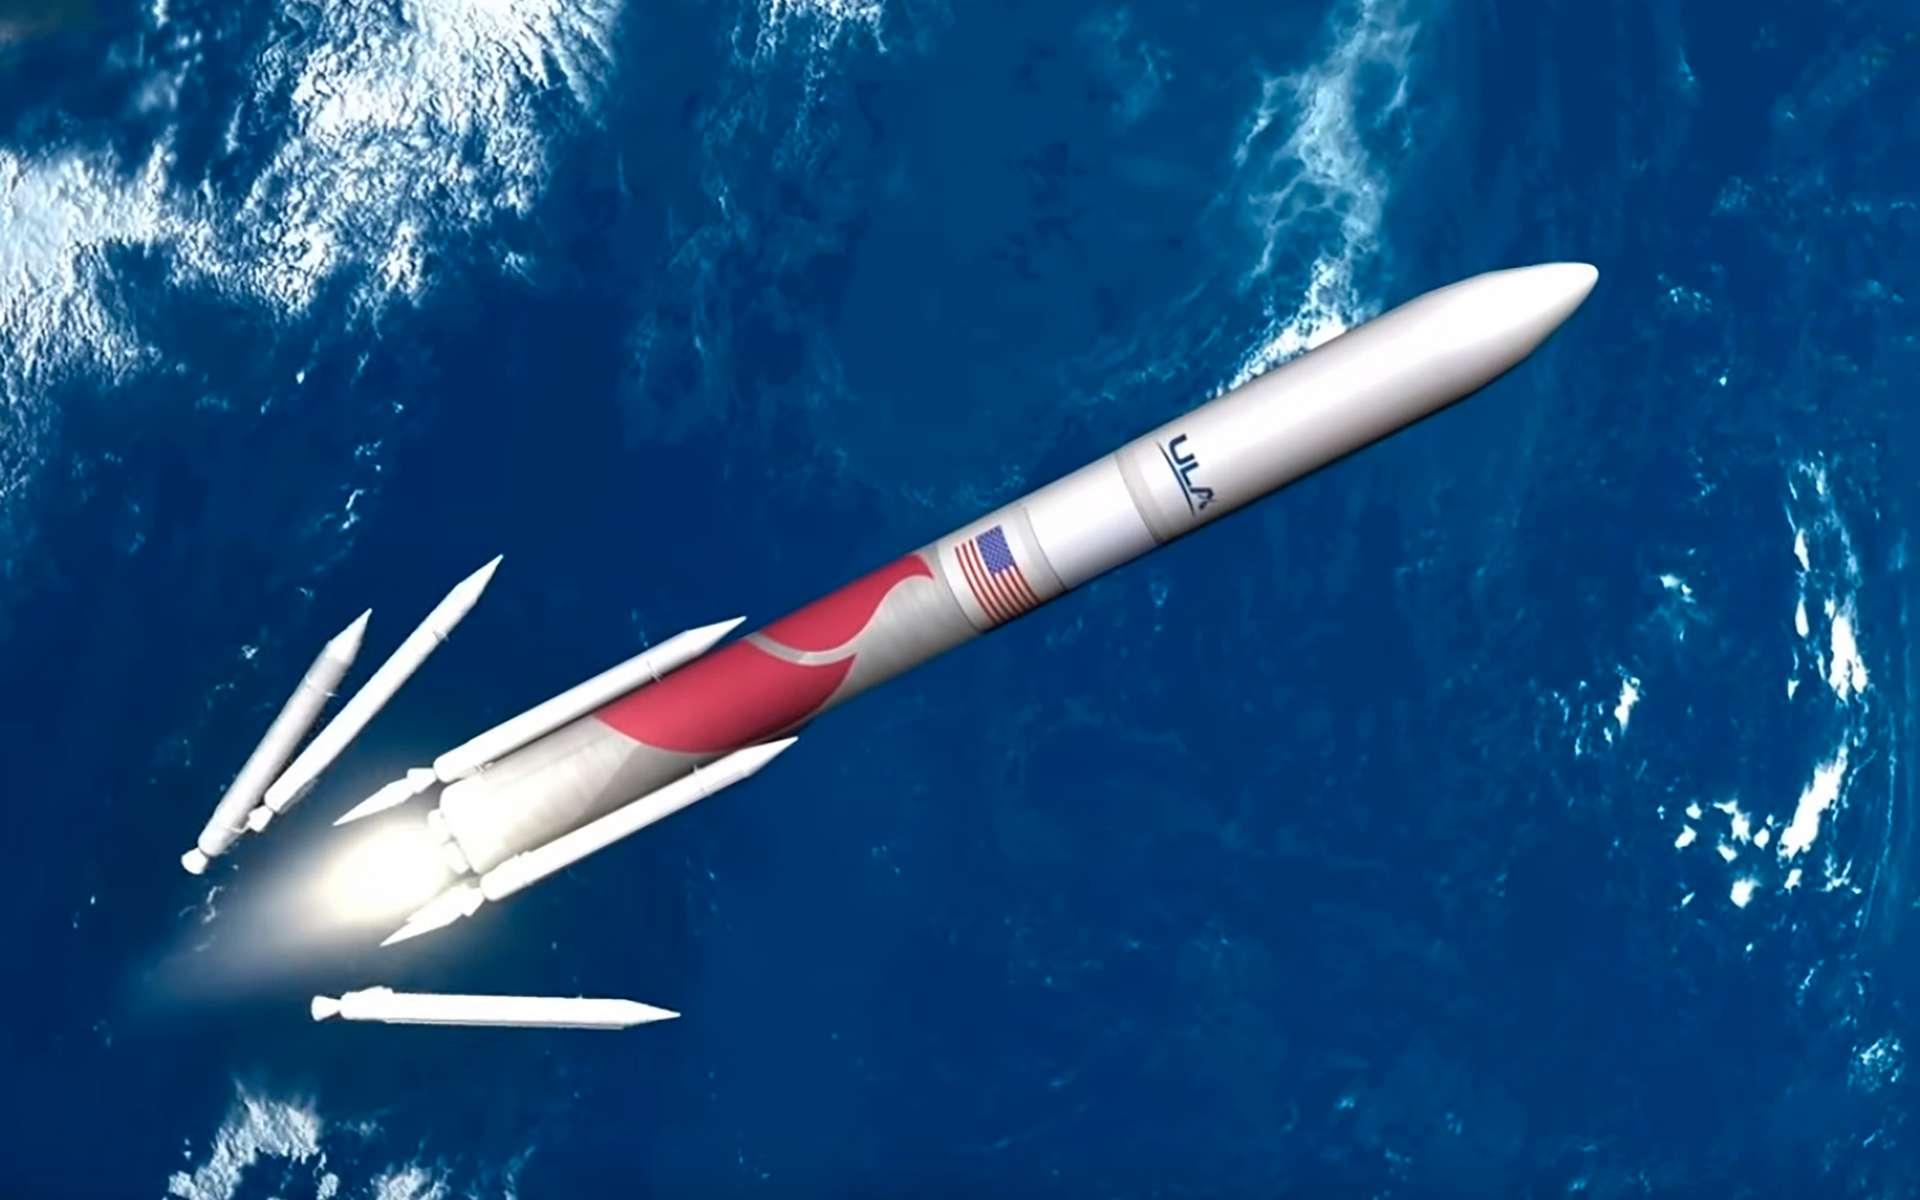 Vulcan, le futur lanceur lourd d'ULA dont la mise en service est prévue courant 2021. Ce lanceur sera décliné en deux versions qui se différencieront par le nombre de boosters d'appoint (quatre pour l'une, six pour l'autre) et le diamètre de la coiffe (quatre et cinq mètres). © ULA